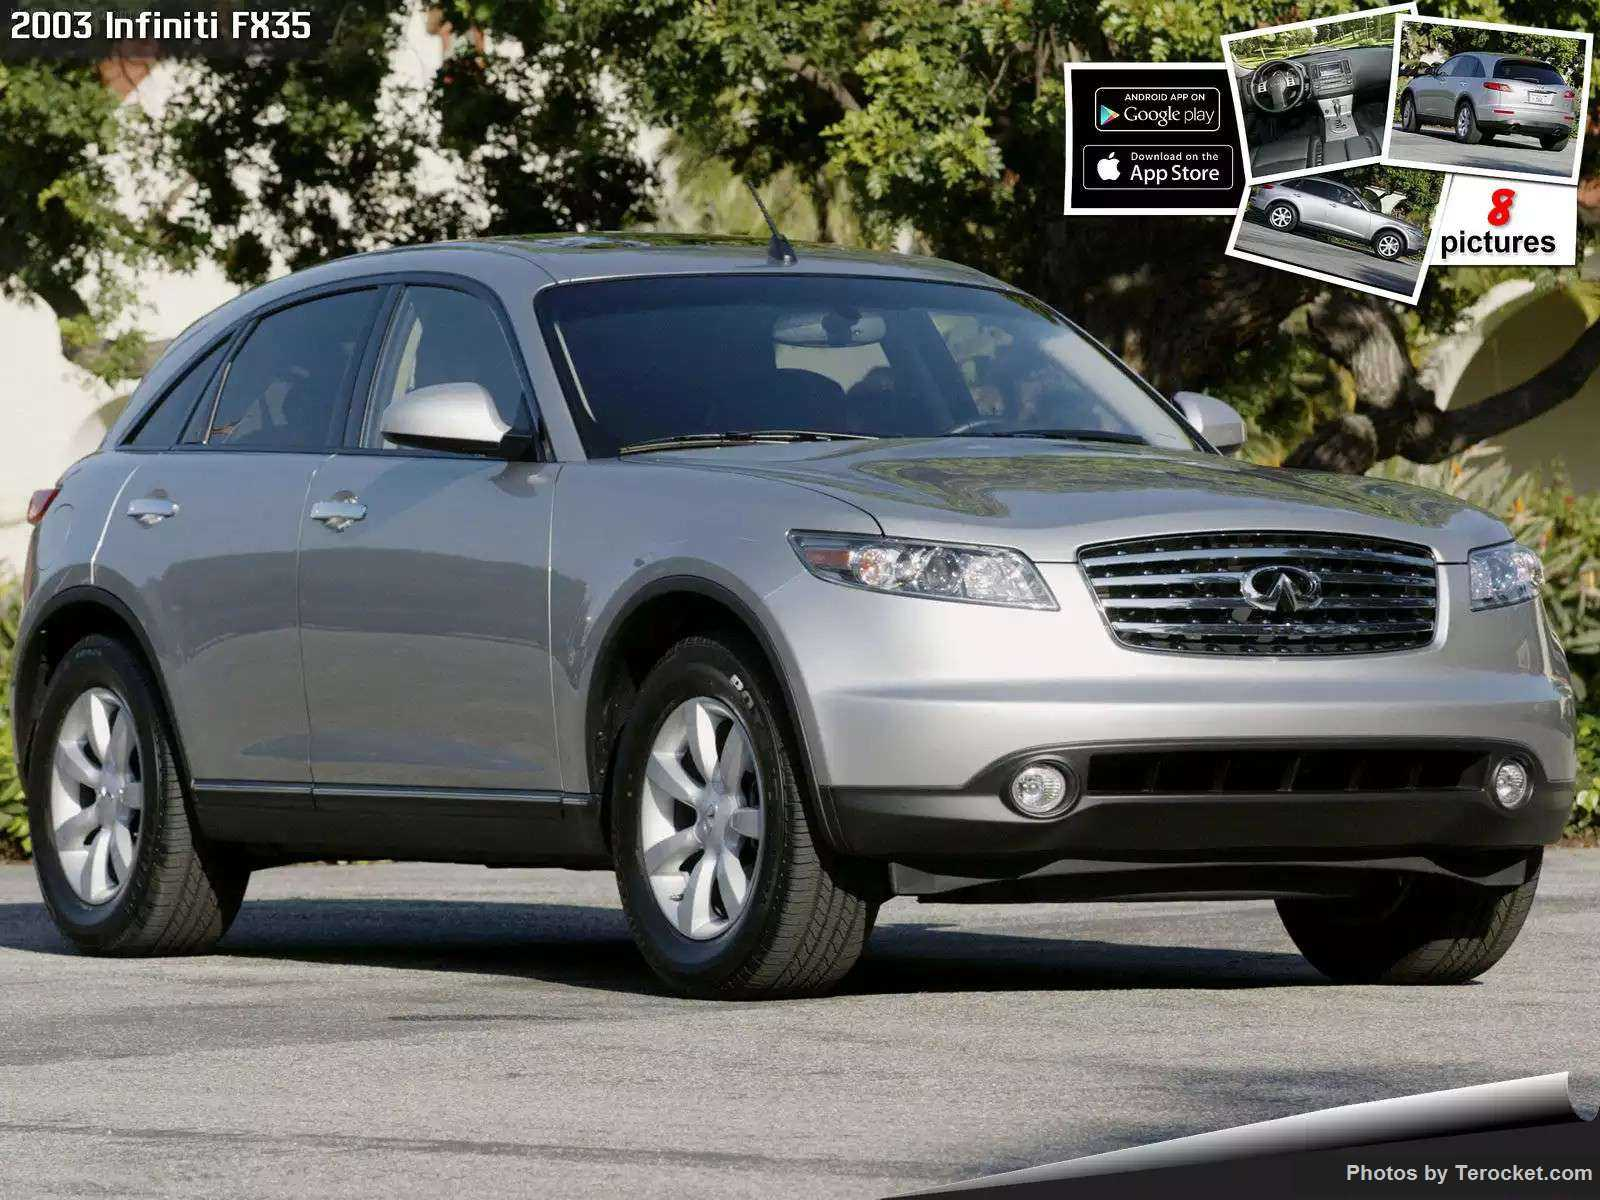 Hình ảnh xe ô tô Infiniti FX35 2003 & nội ngoại thất